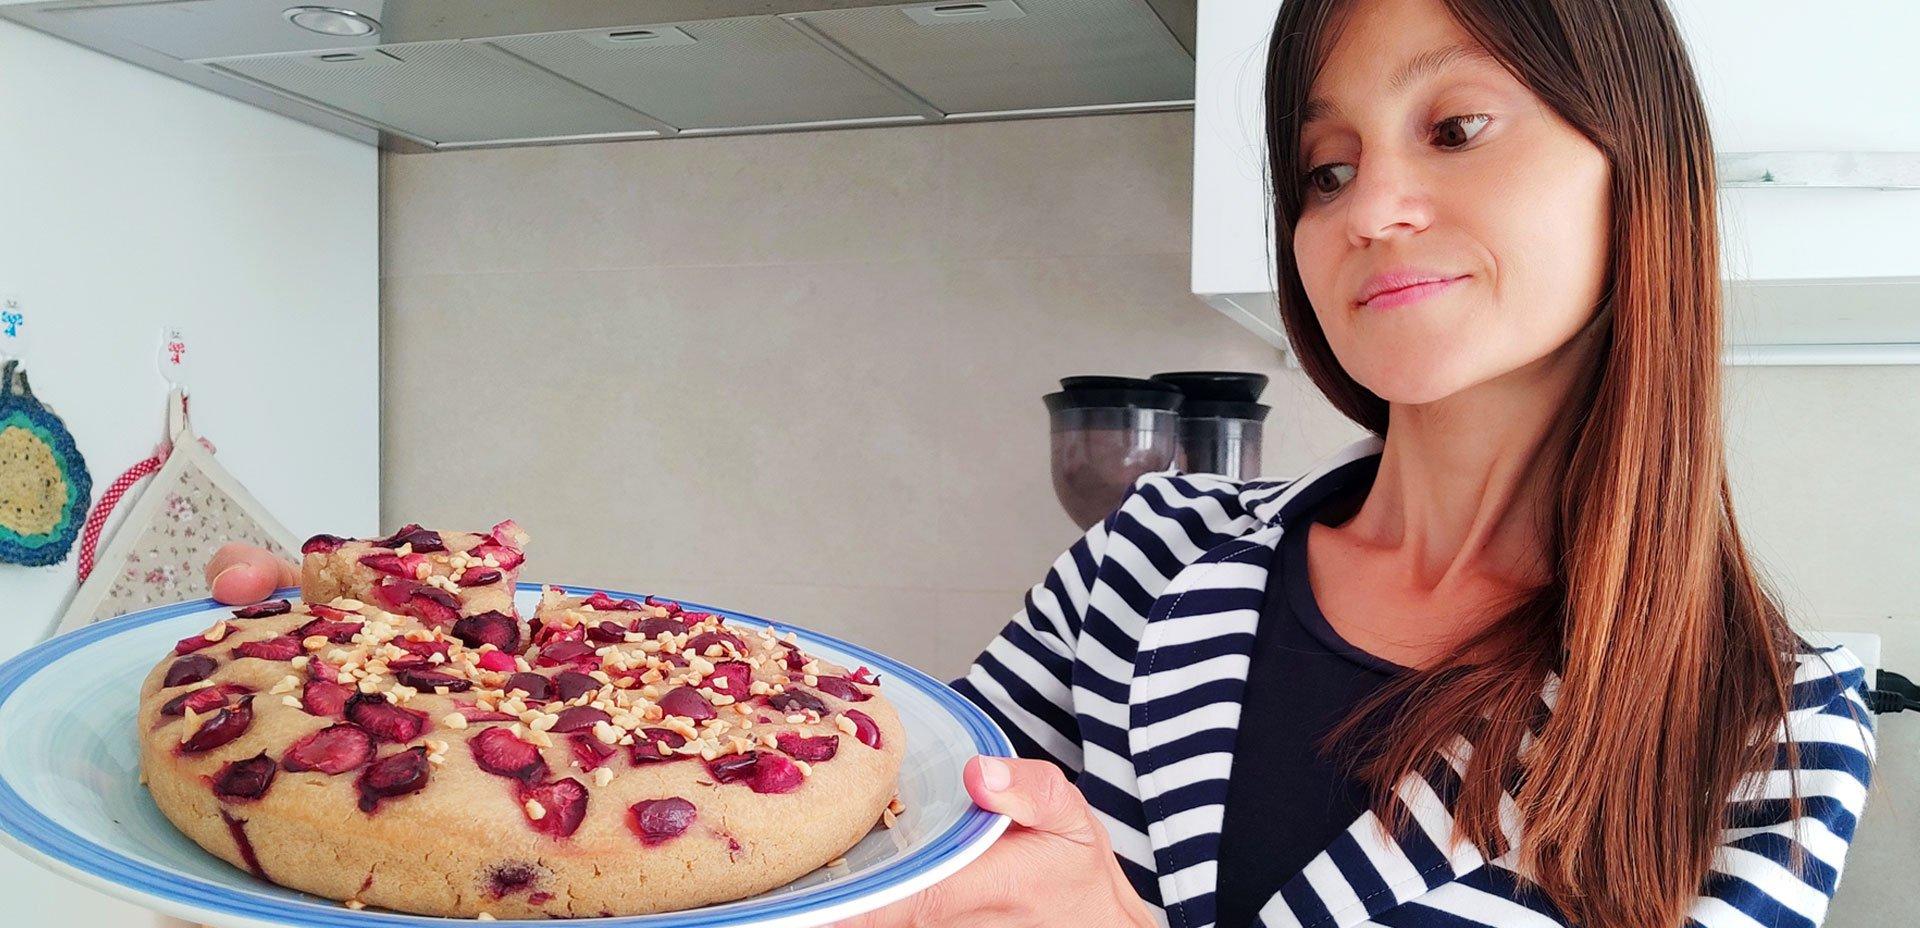 Isabella Vendrame e torta di riso integrale allo yogurt e ciliegie